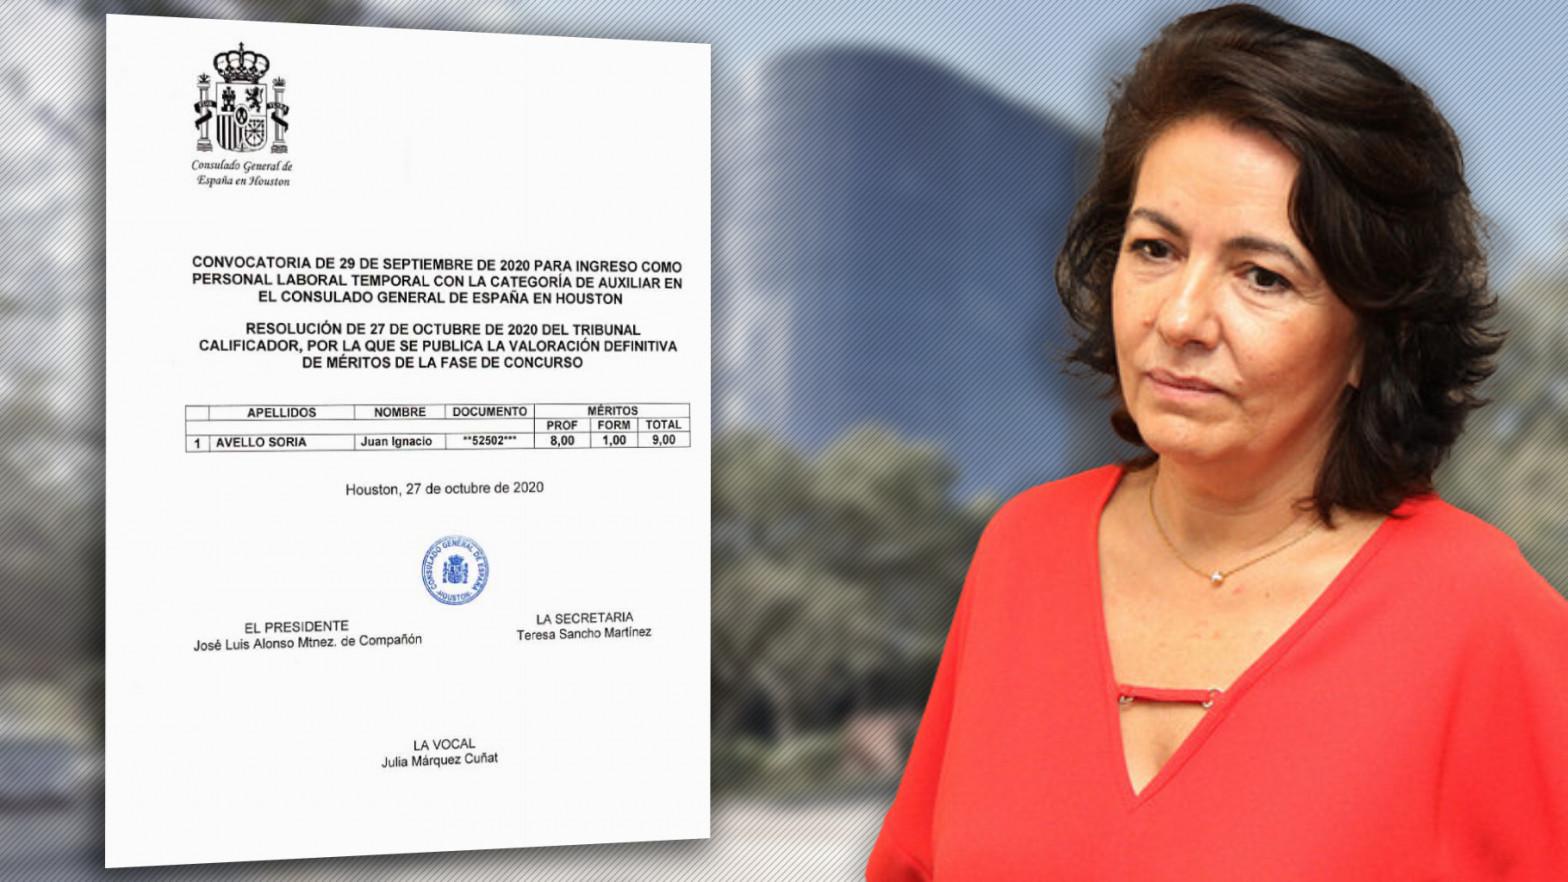 Exteriores avala que la contratación del marido de la cónsul en Houston fue legal